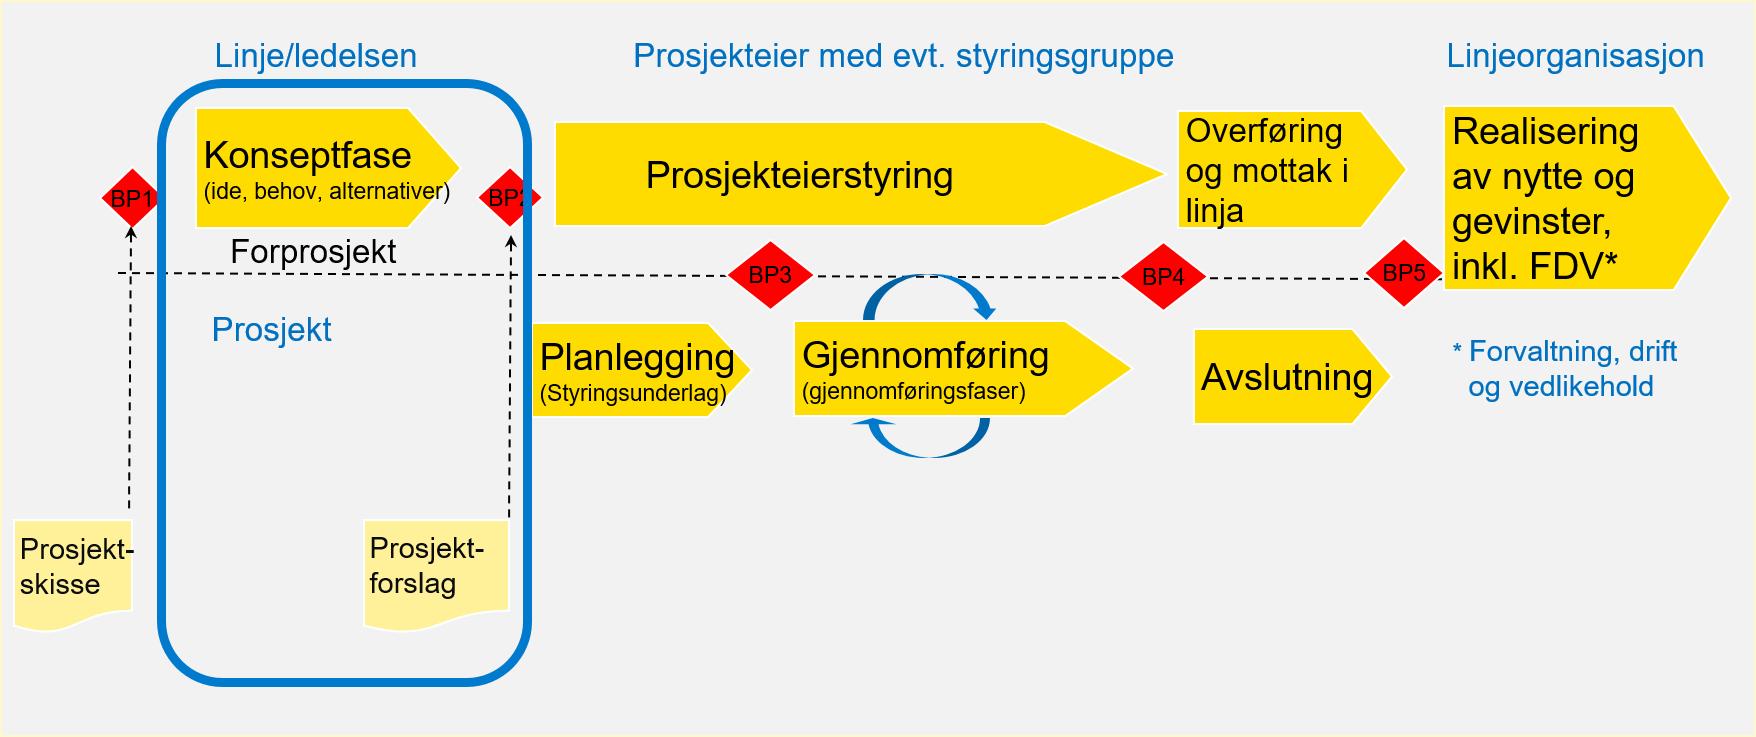 Bildet viser prosjektmodellen hvor konseptfasen er uthevet. Konseptfasen leder frem til beslutningspunkt 2 og innbefatter utarbeidelse av prosjektforslag.